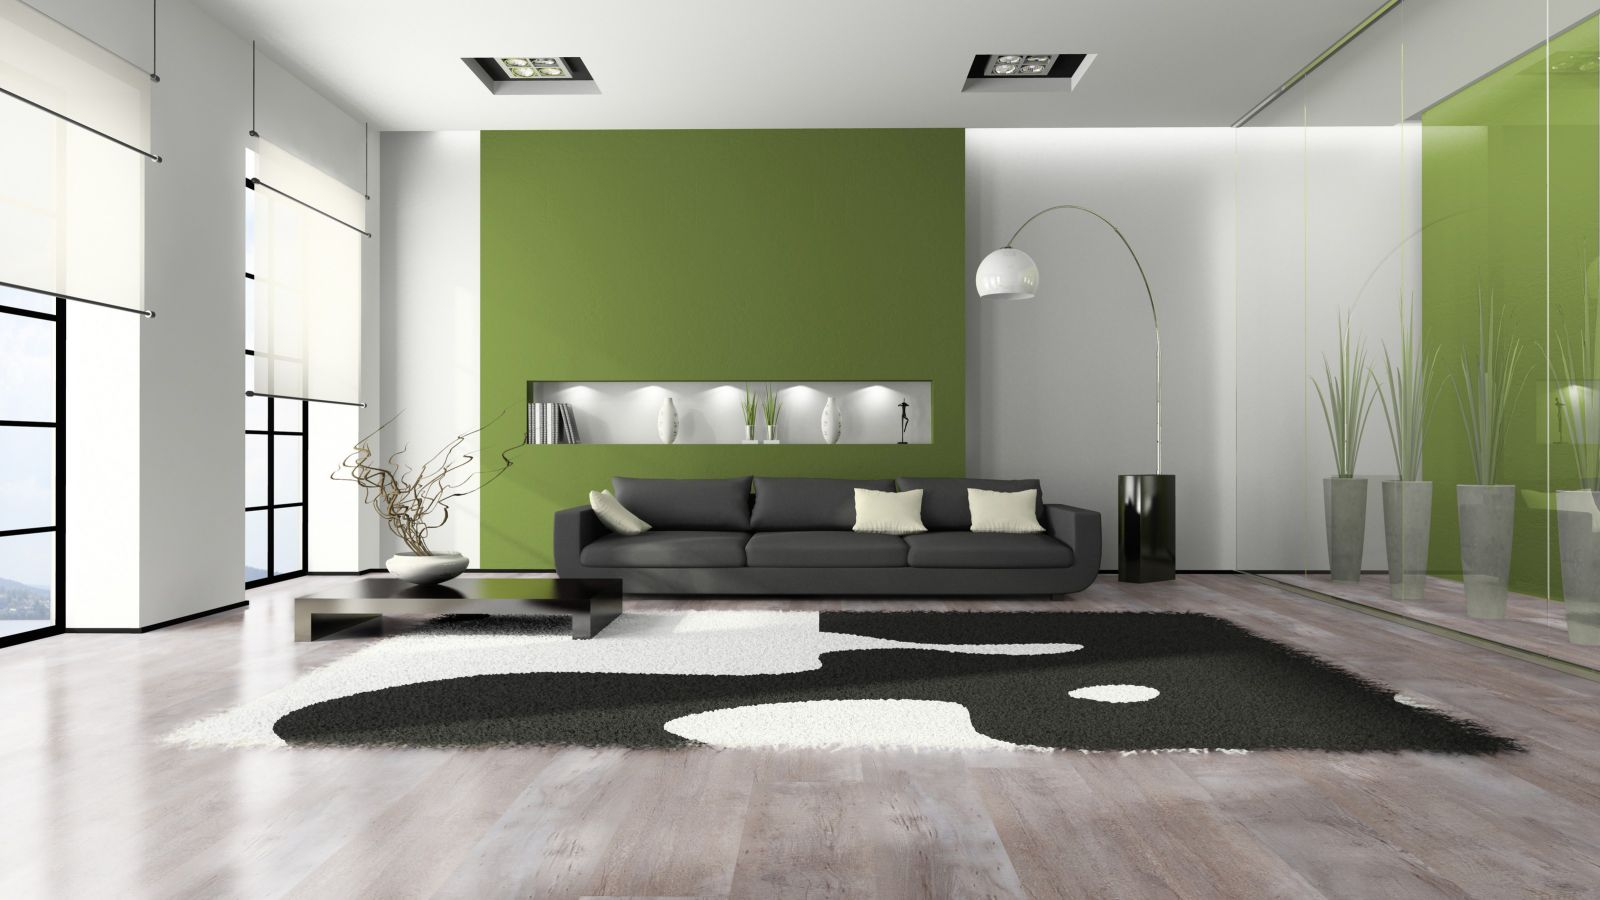 Pvc vloeren mflor mflorshop - Moderne betegelde vloer ...